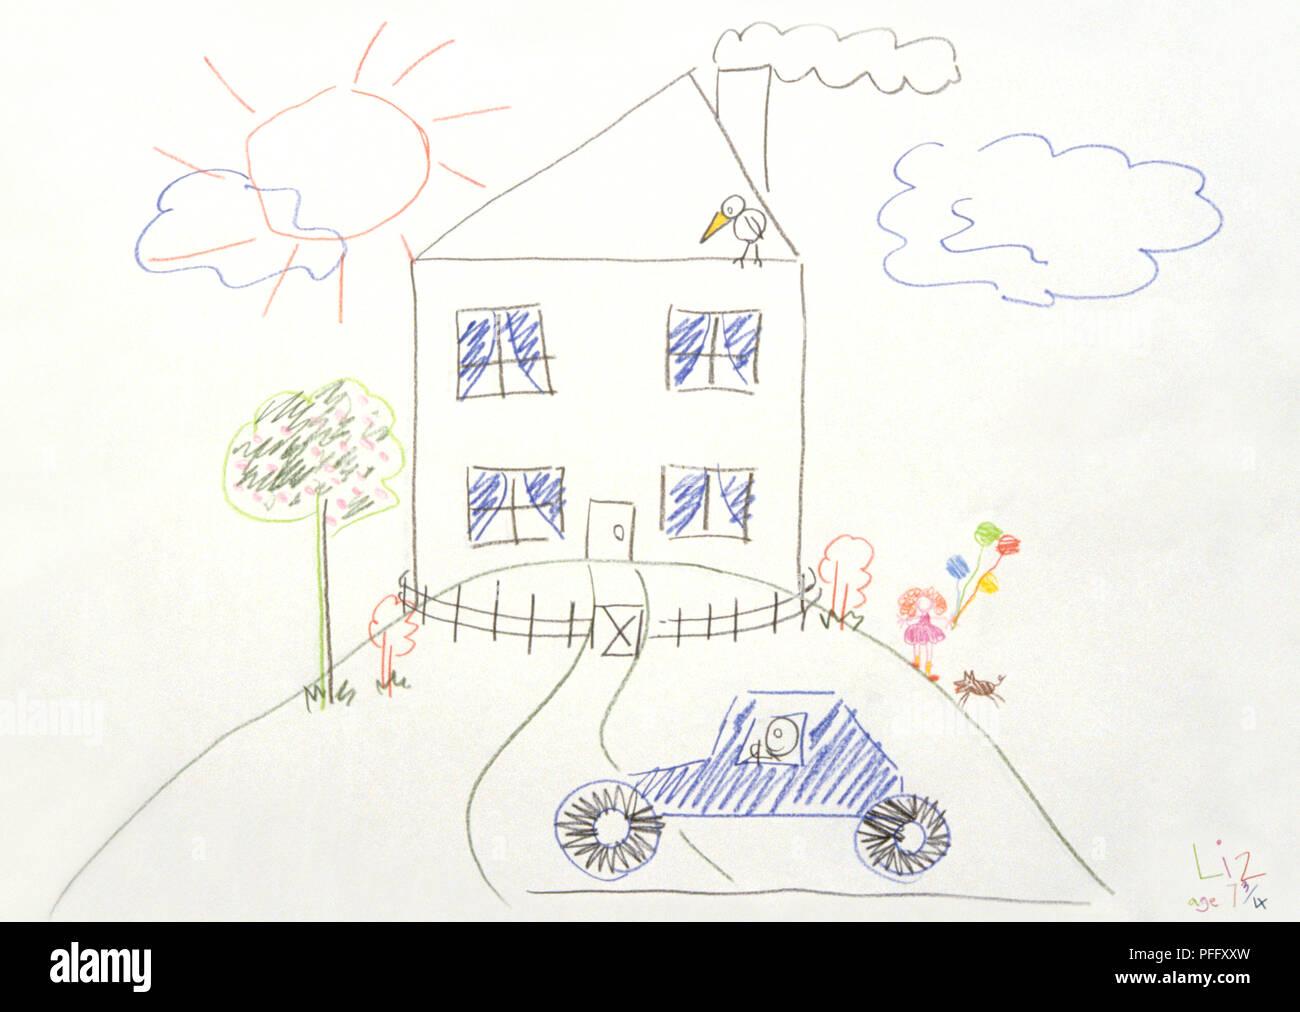 Bambino Il Disegno Di Una Casa Su Una Collina Il Sole Le Nuvole E